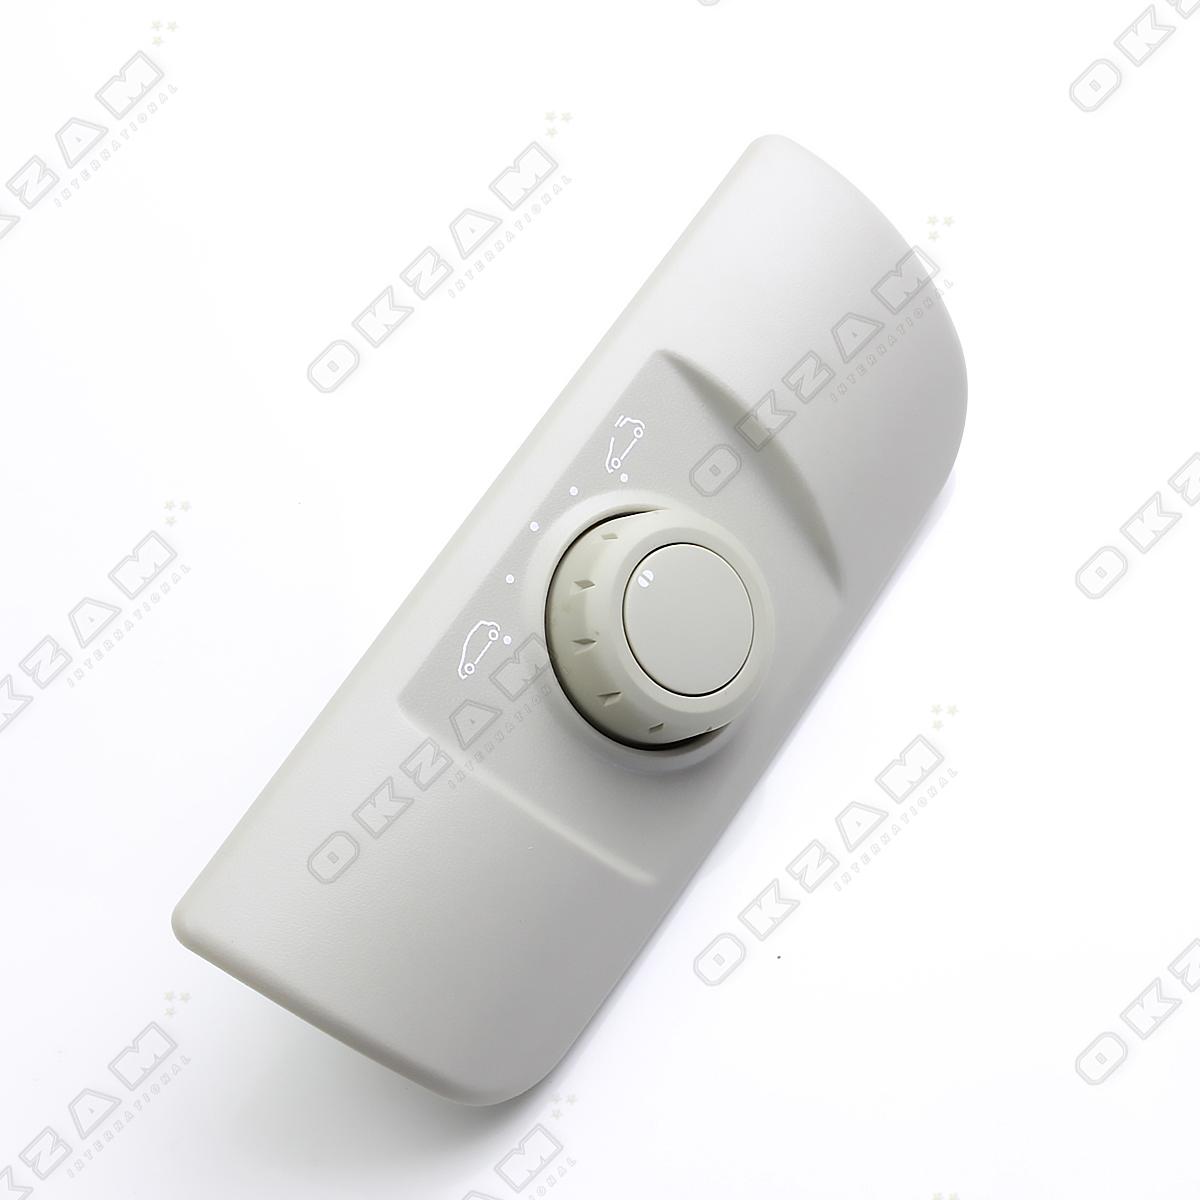 Toit ouvrant fen tre interrupteur 8200119893 pour renault for Ouvrant de fenetre